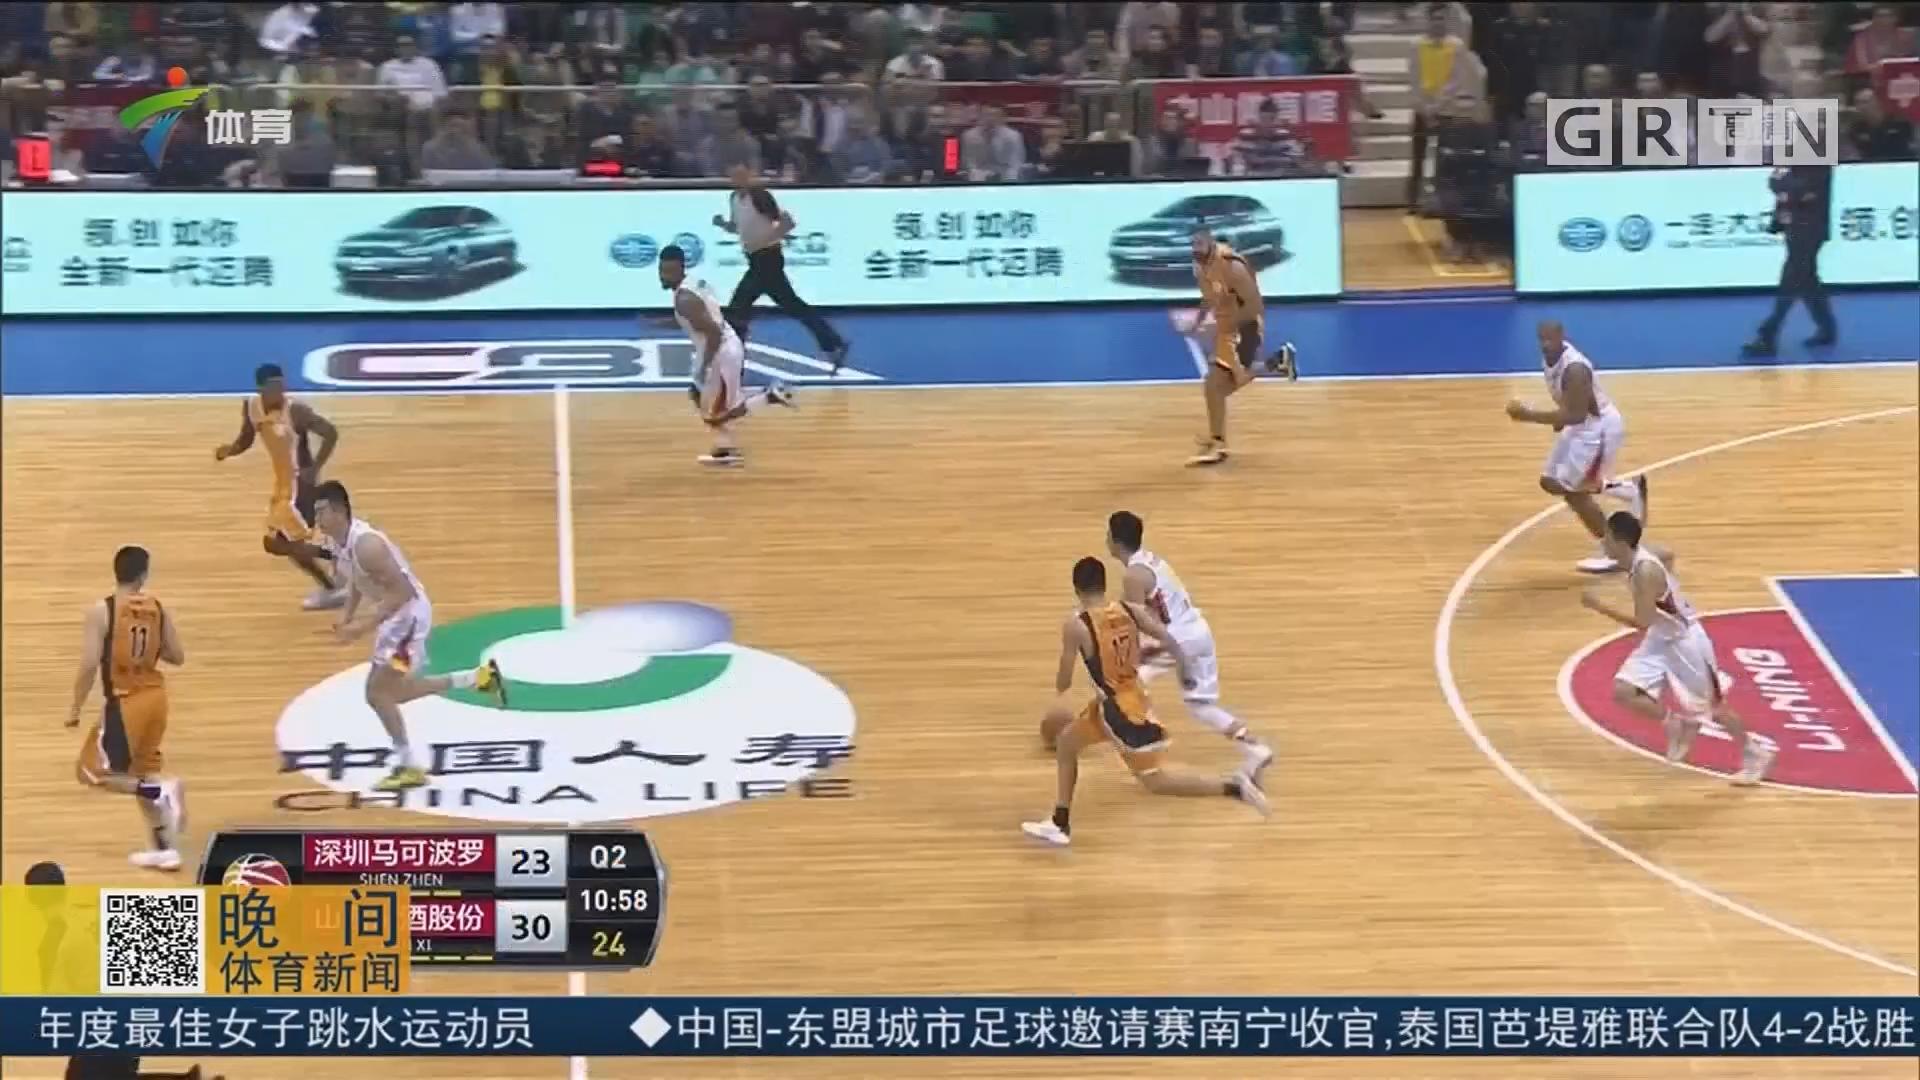 主场胜山西 深圳迎来三连胜